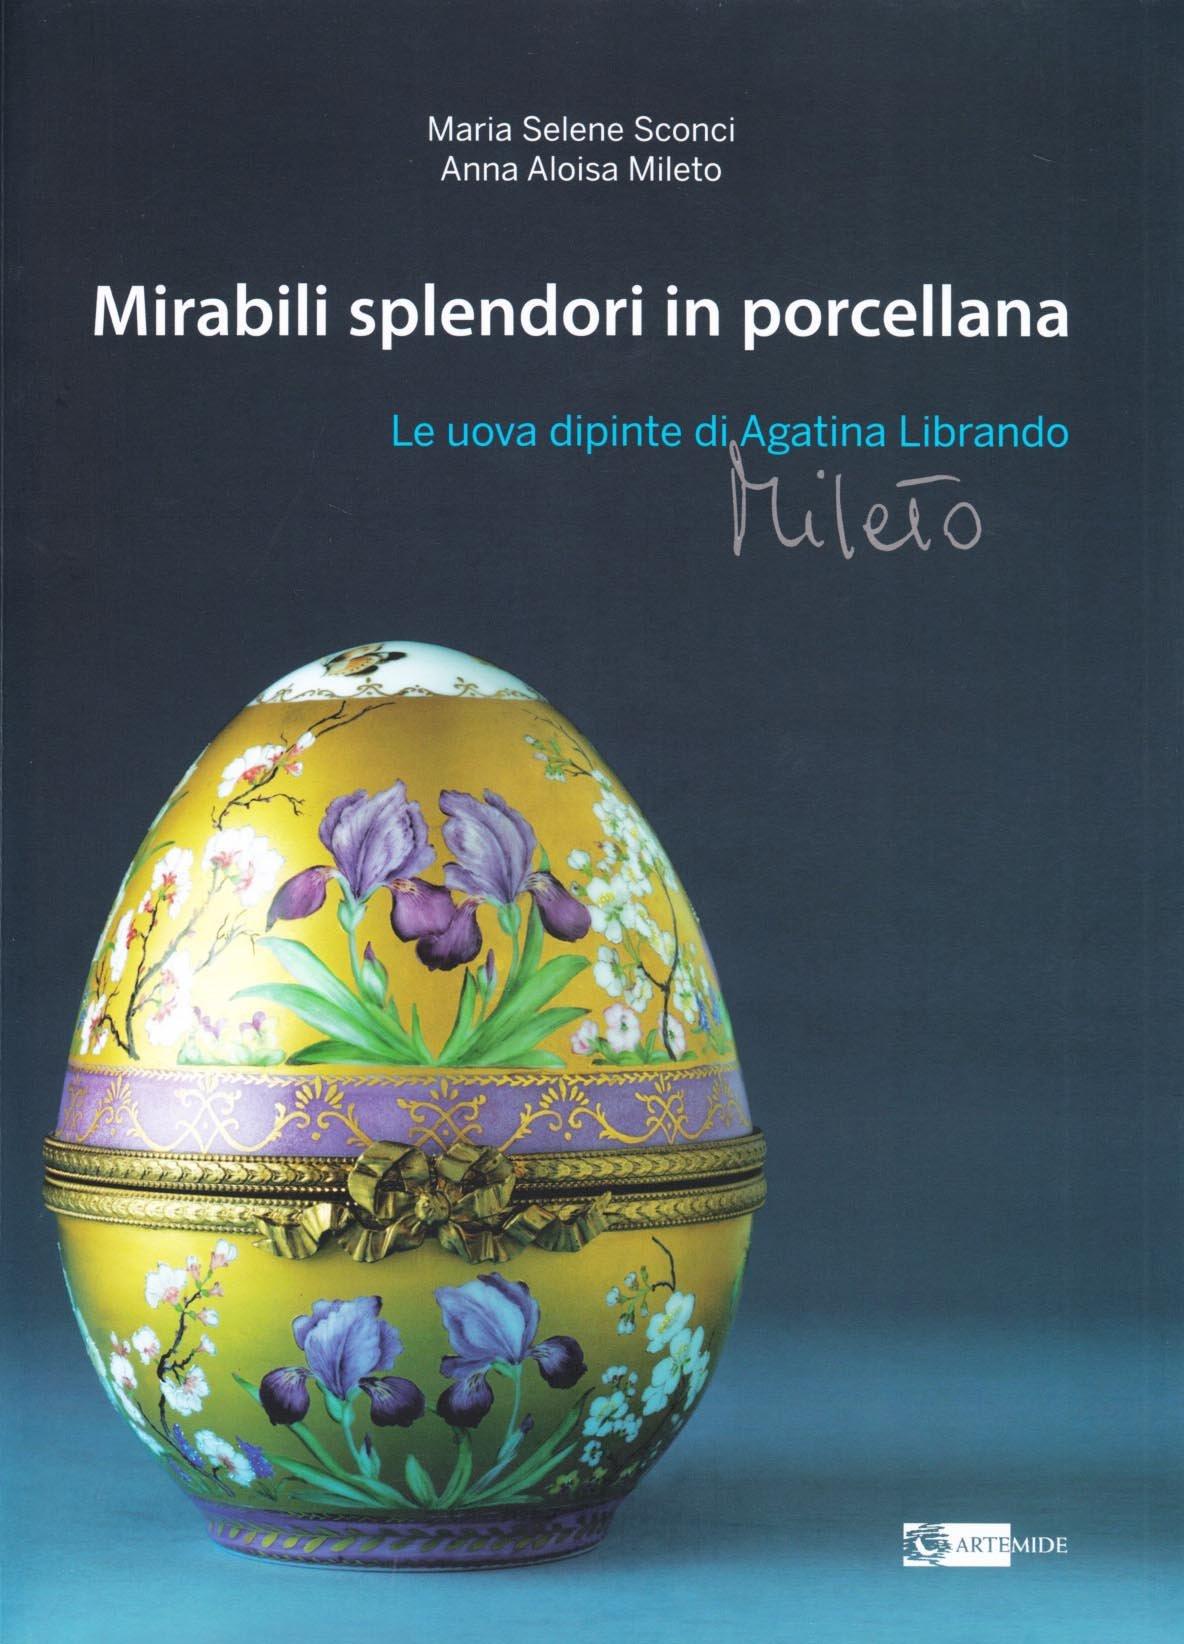 Uova Di Ceramica Dipinte A Mano.Mirabili Splendori In Porcellana Le Uova Dipinte Di Agatina